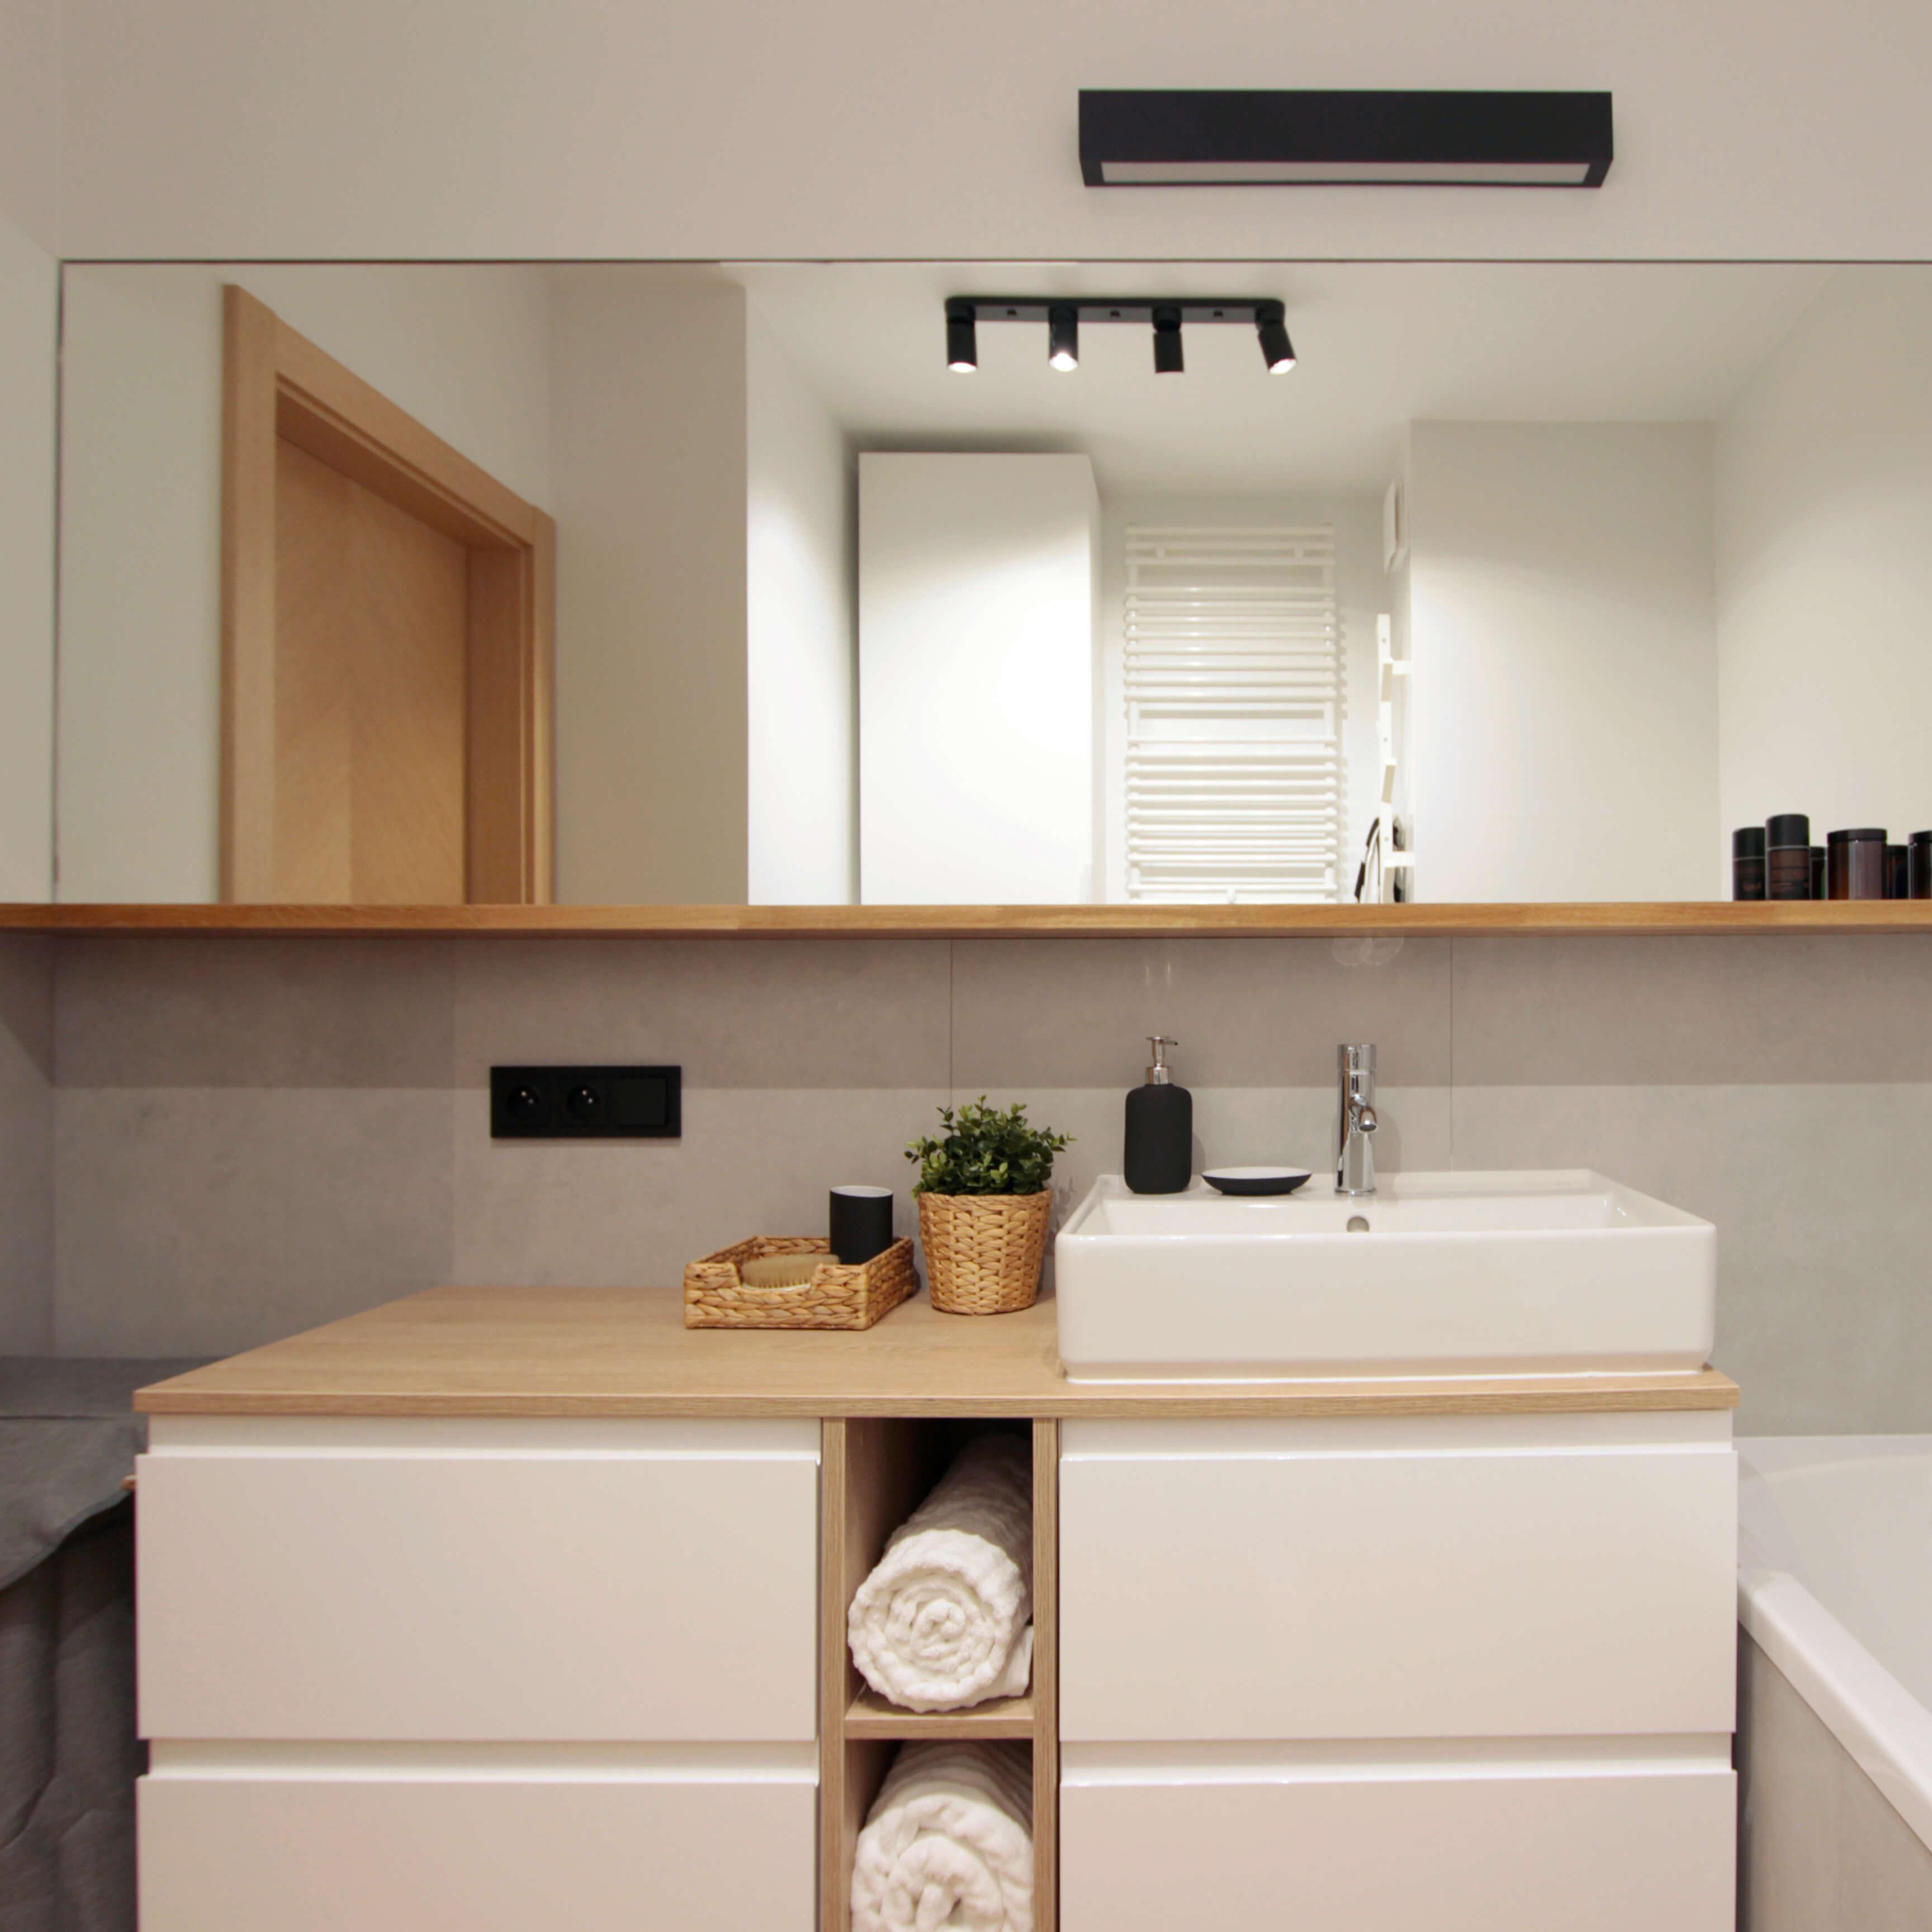 Projekt wnętrza mieszkania wraz z nadzorem nad realizacją. Sypialnia w mieszkaniu 39 m2. Odpowiednio wykorzystane lustra potrafią zdziałać we wnętrzach dużo dobrego. Ta łazienka dzięki lustrzanemu odbiciu zyskała optycznie wiele przestrzeni. Jasne, stonowane kolory ocieplają drewniane dodatki i podłoga.